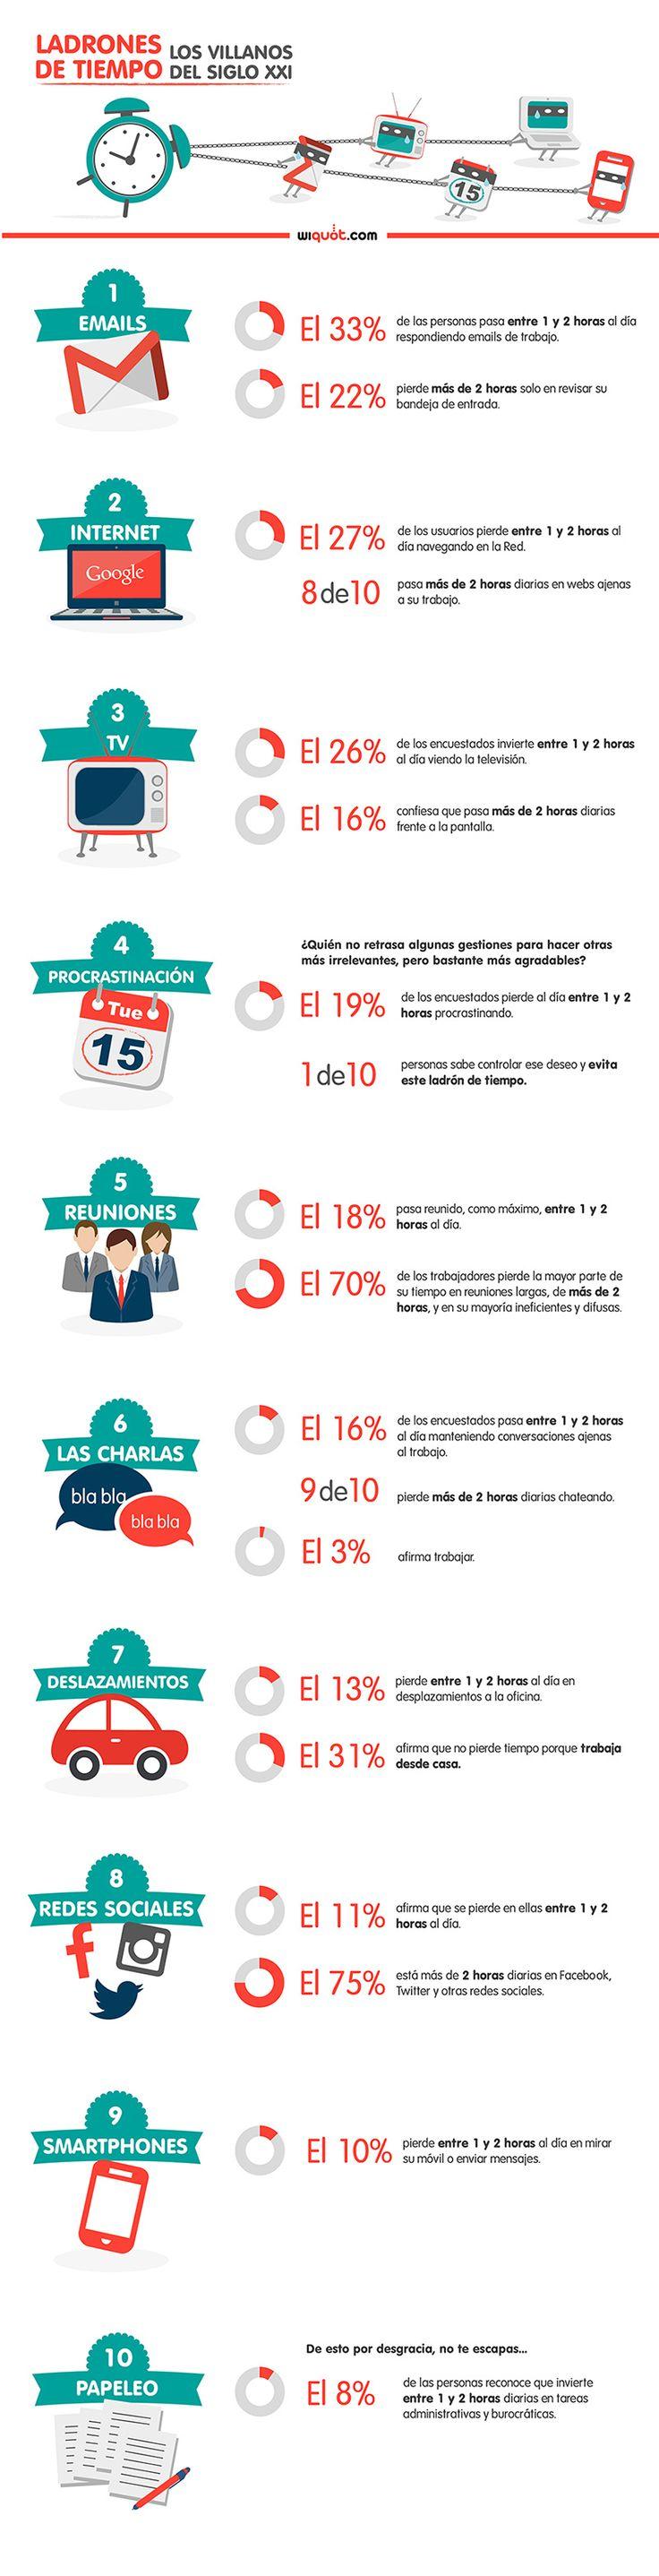 Ladrones del tiempo: villanos del siglo XXI #infografia #infographic | TICs y Formación